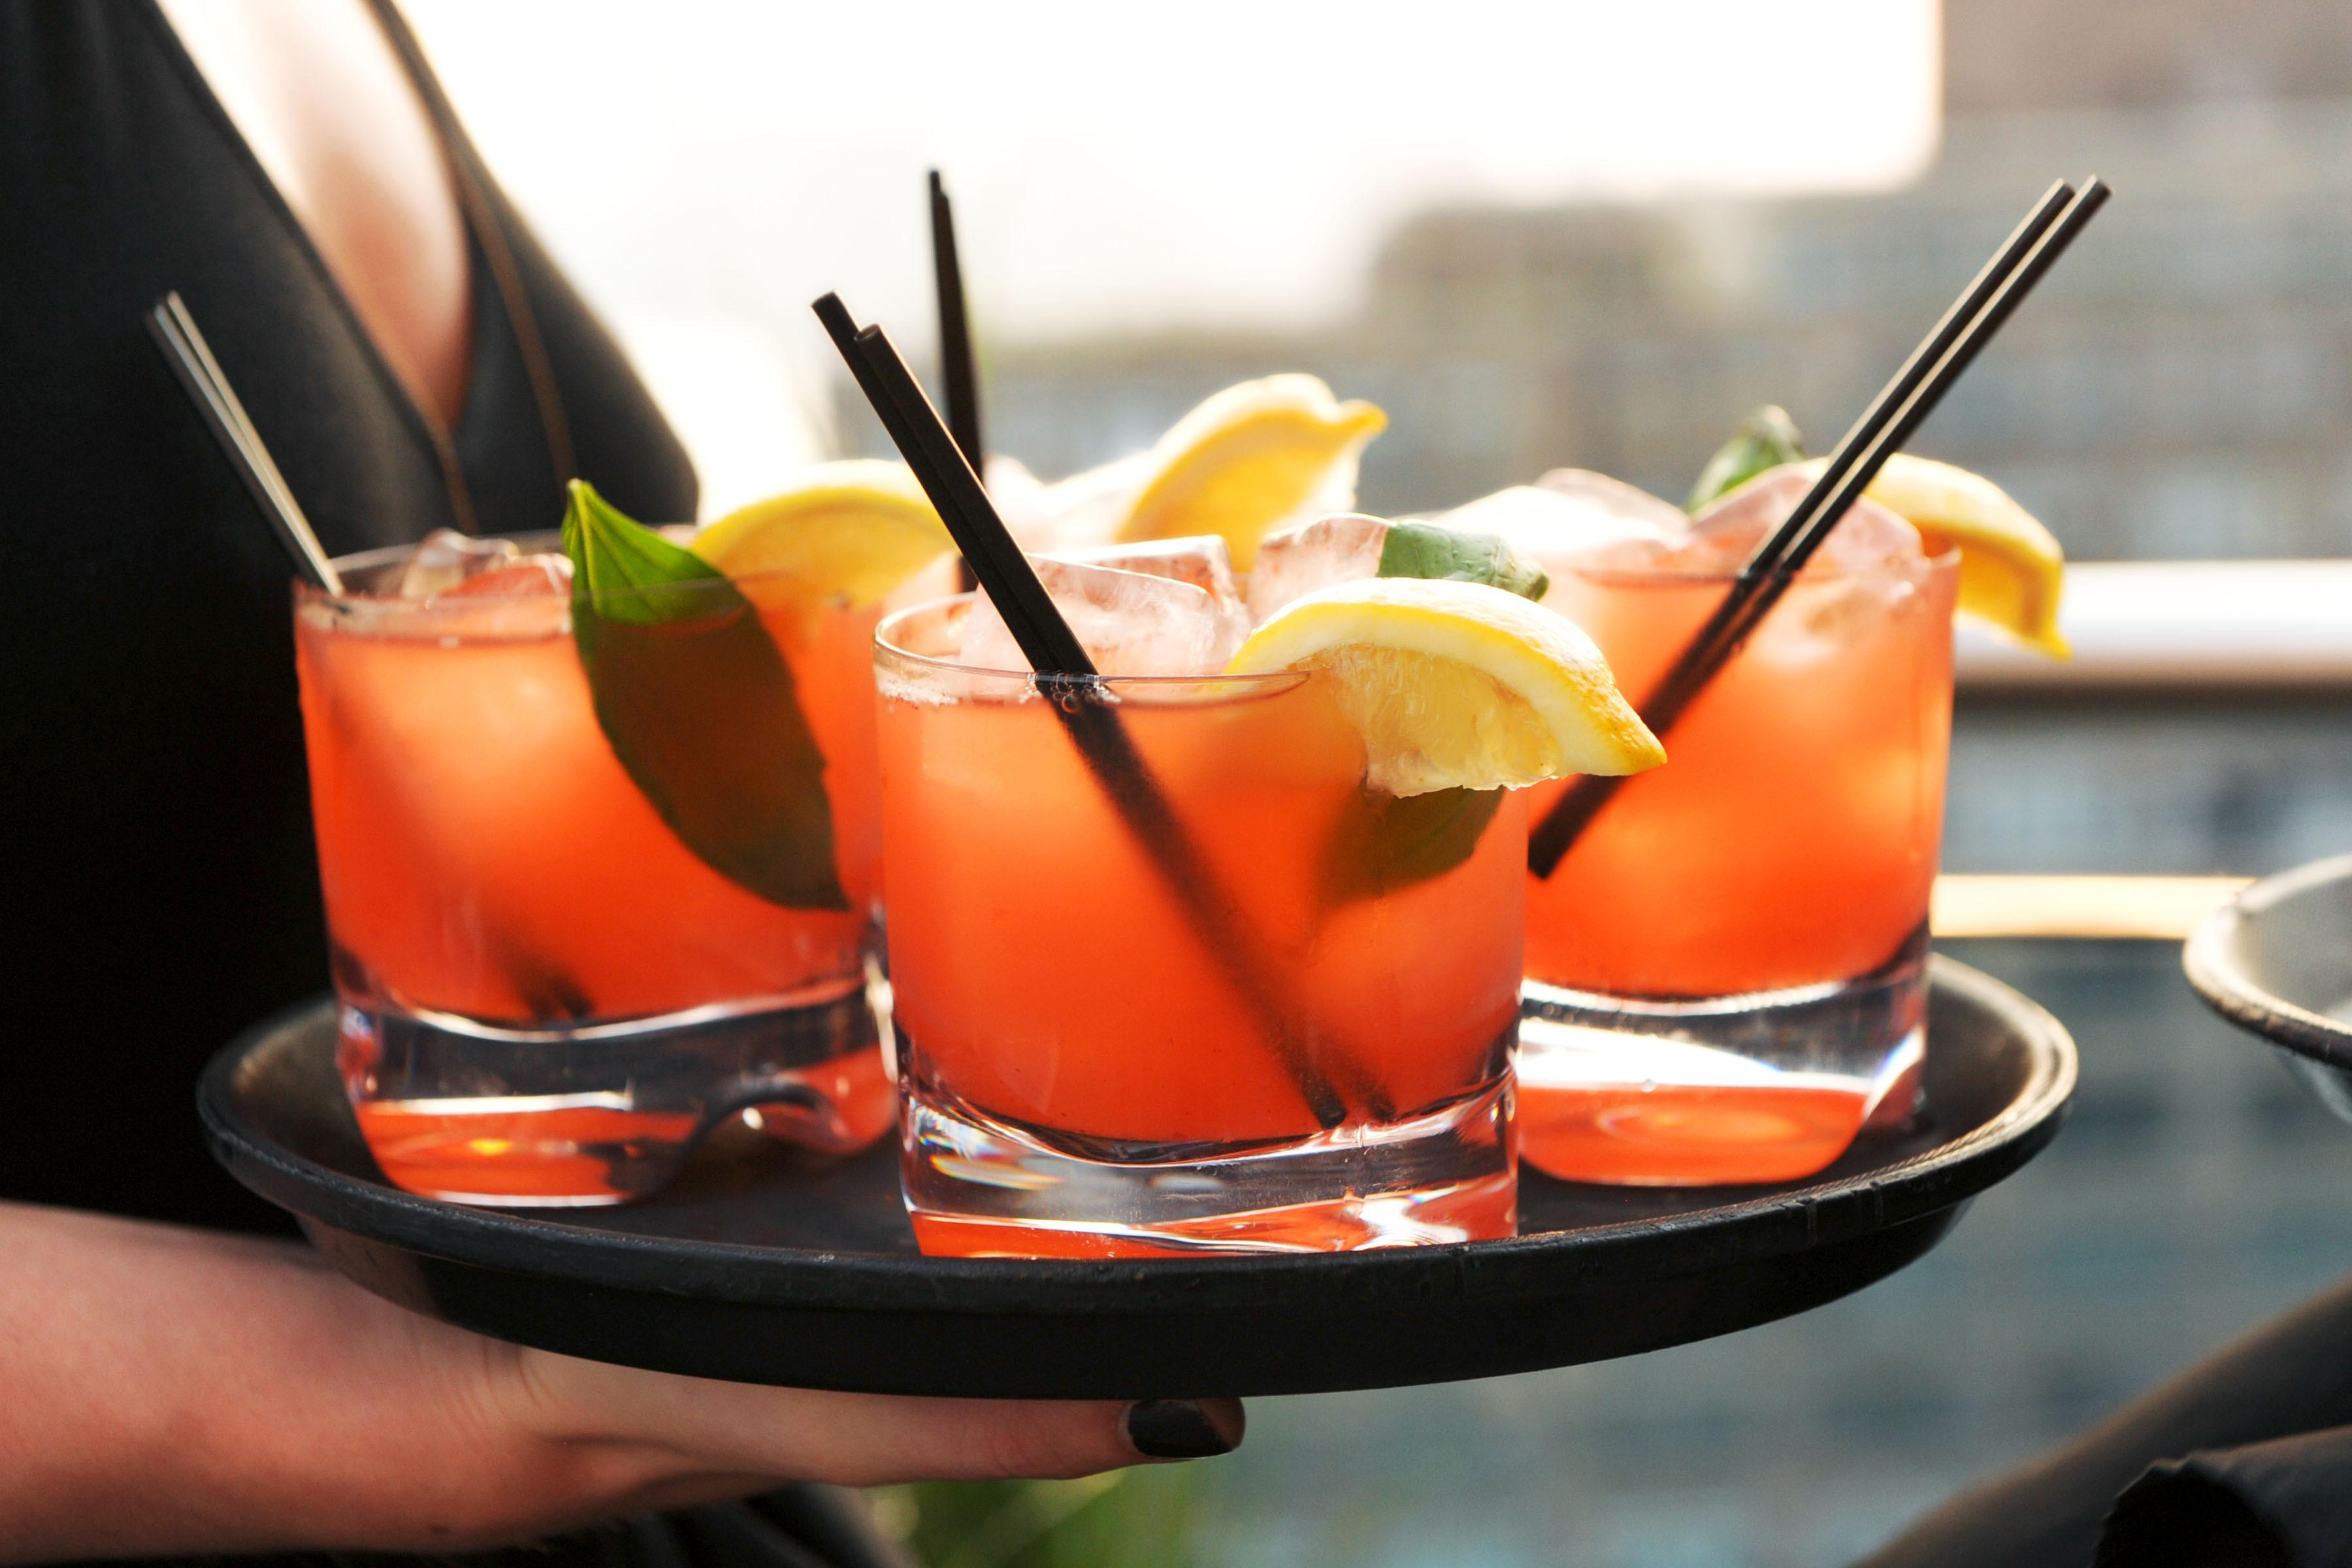 Summertime Vodka Drinks  Stolichnaya Premium Vodka intros Stoli Hot & Stoli Sticki